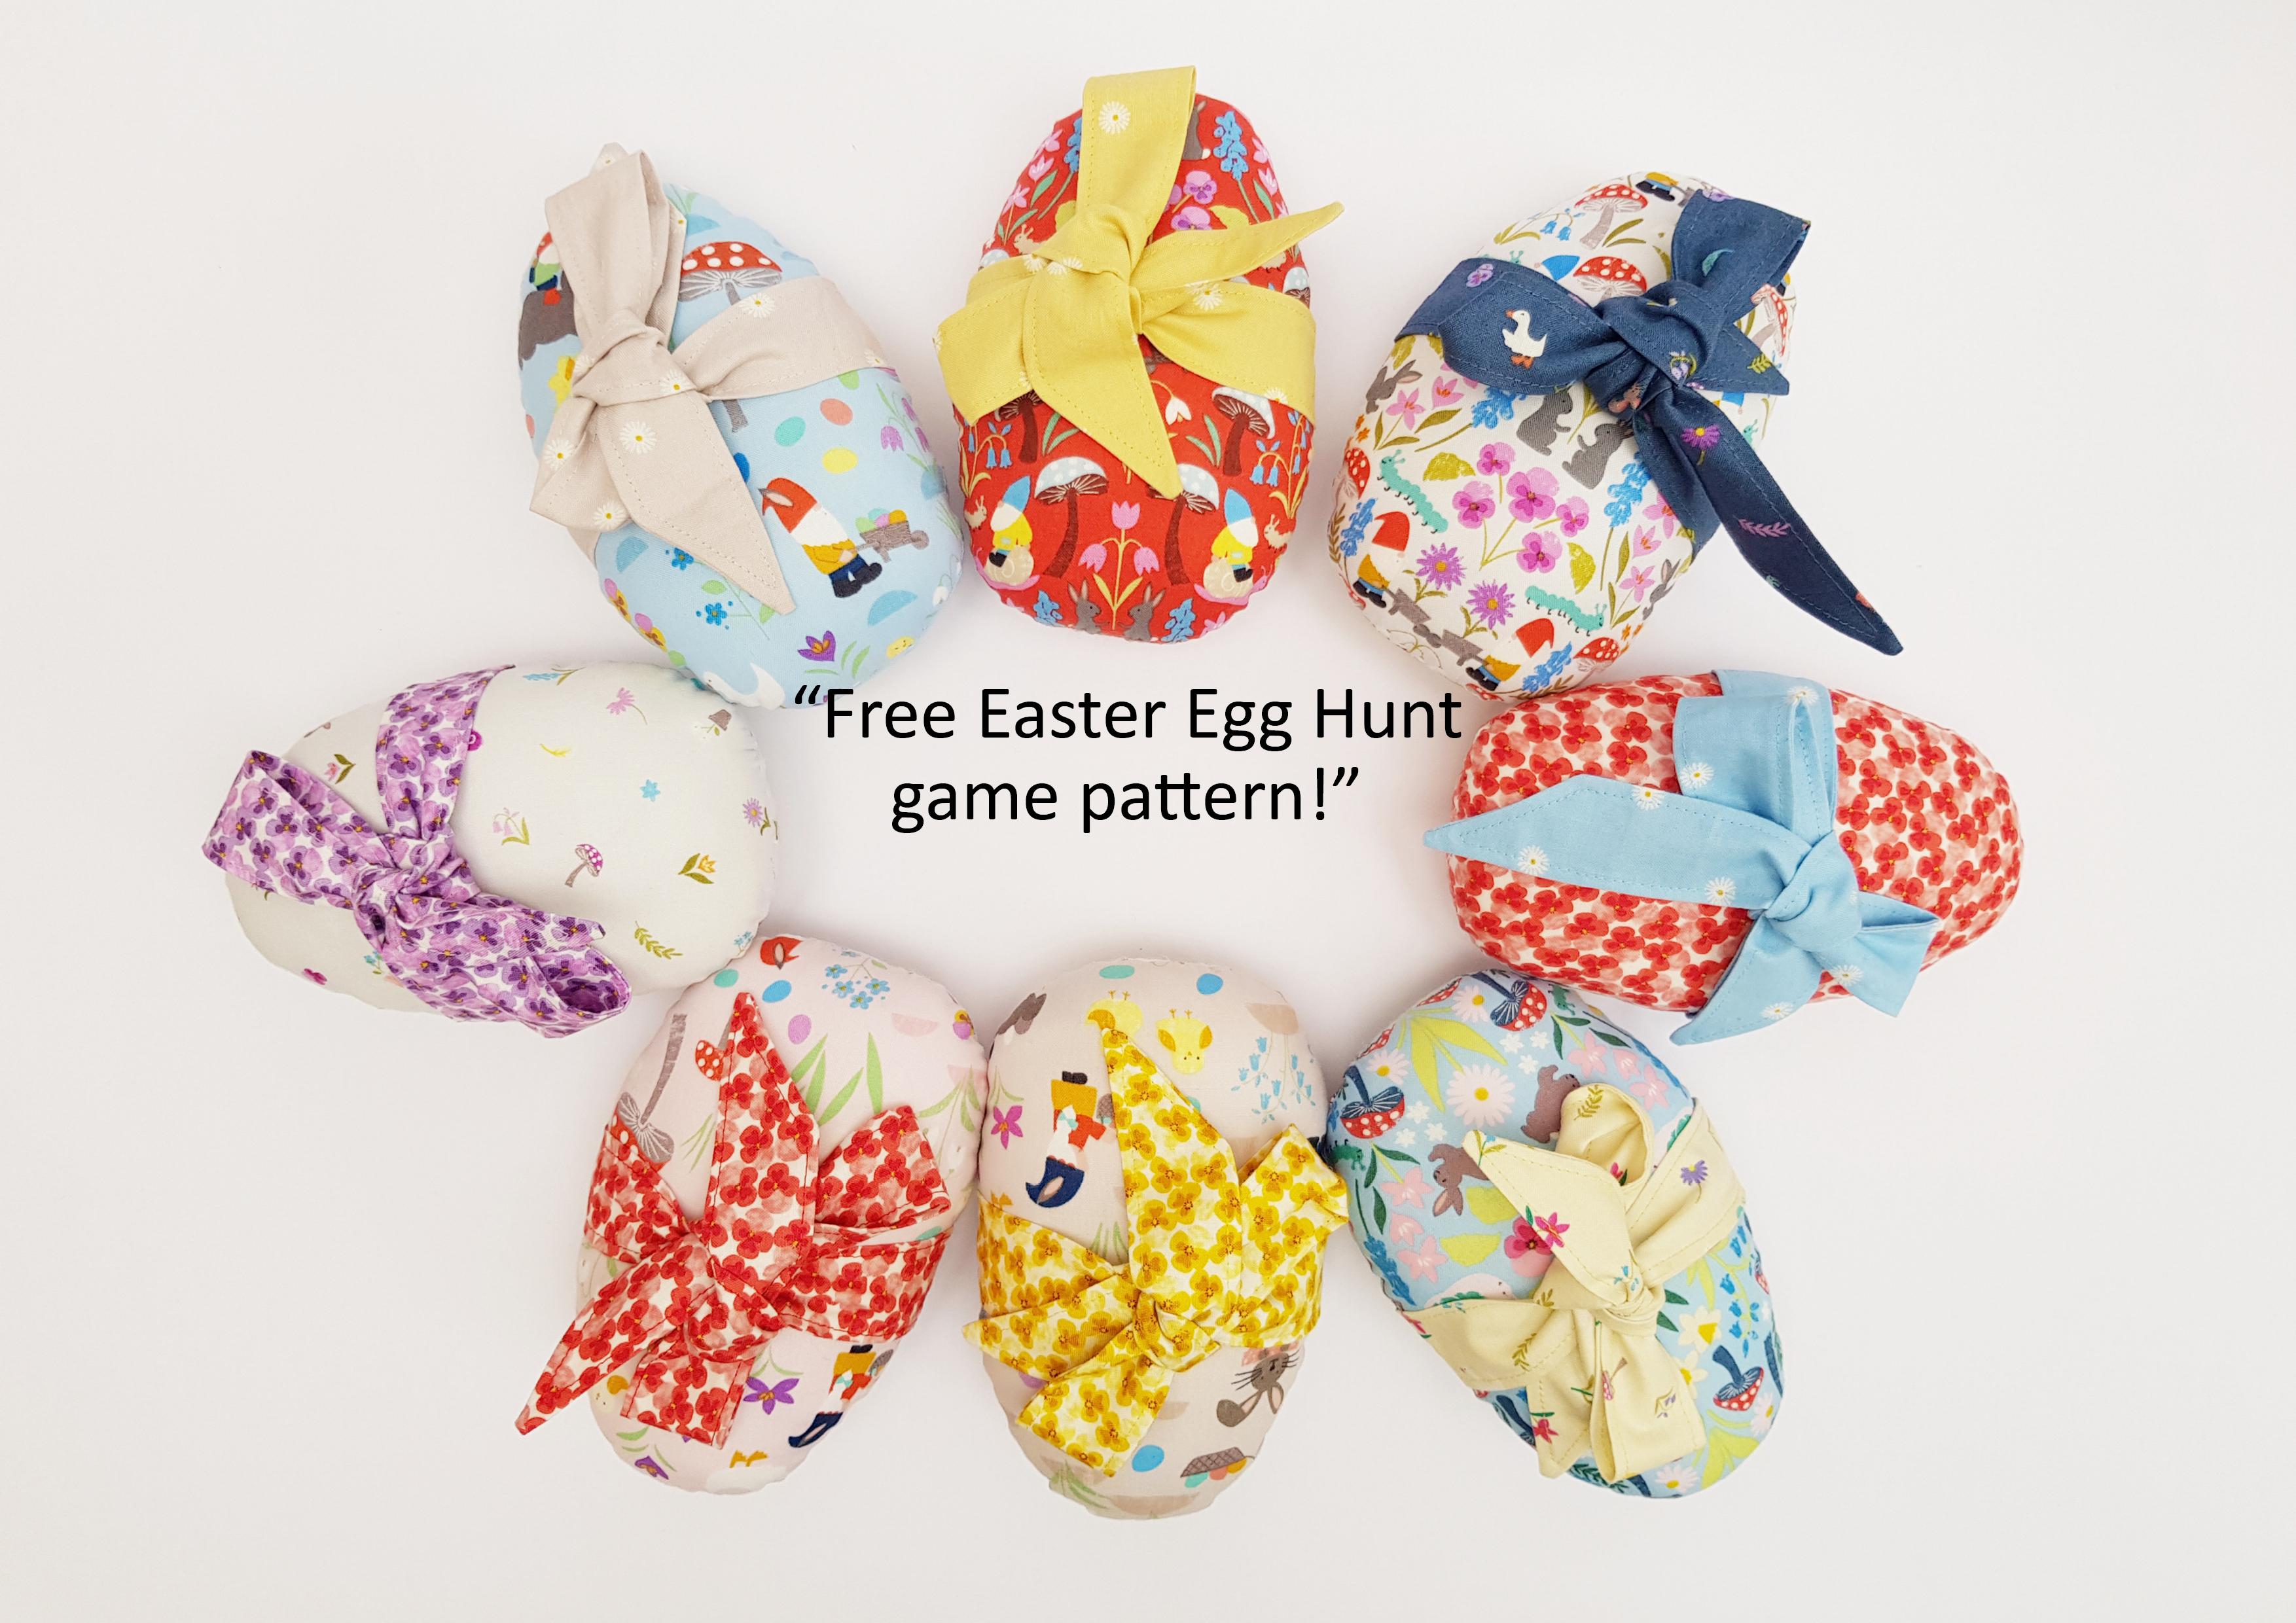 Easter Egg Hunt game